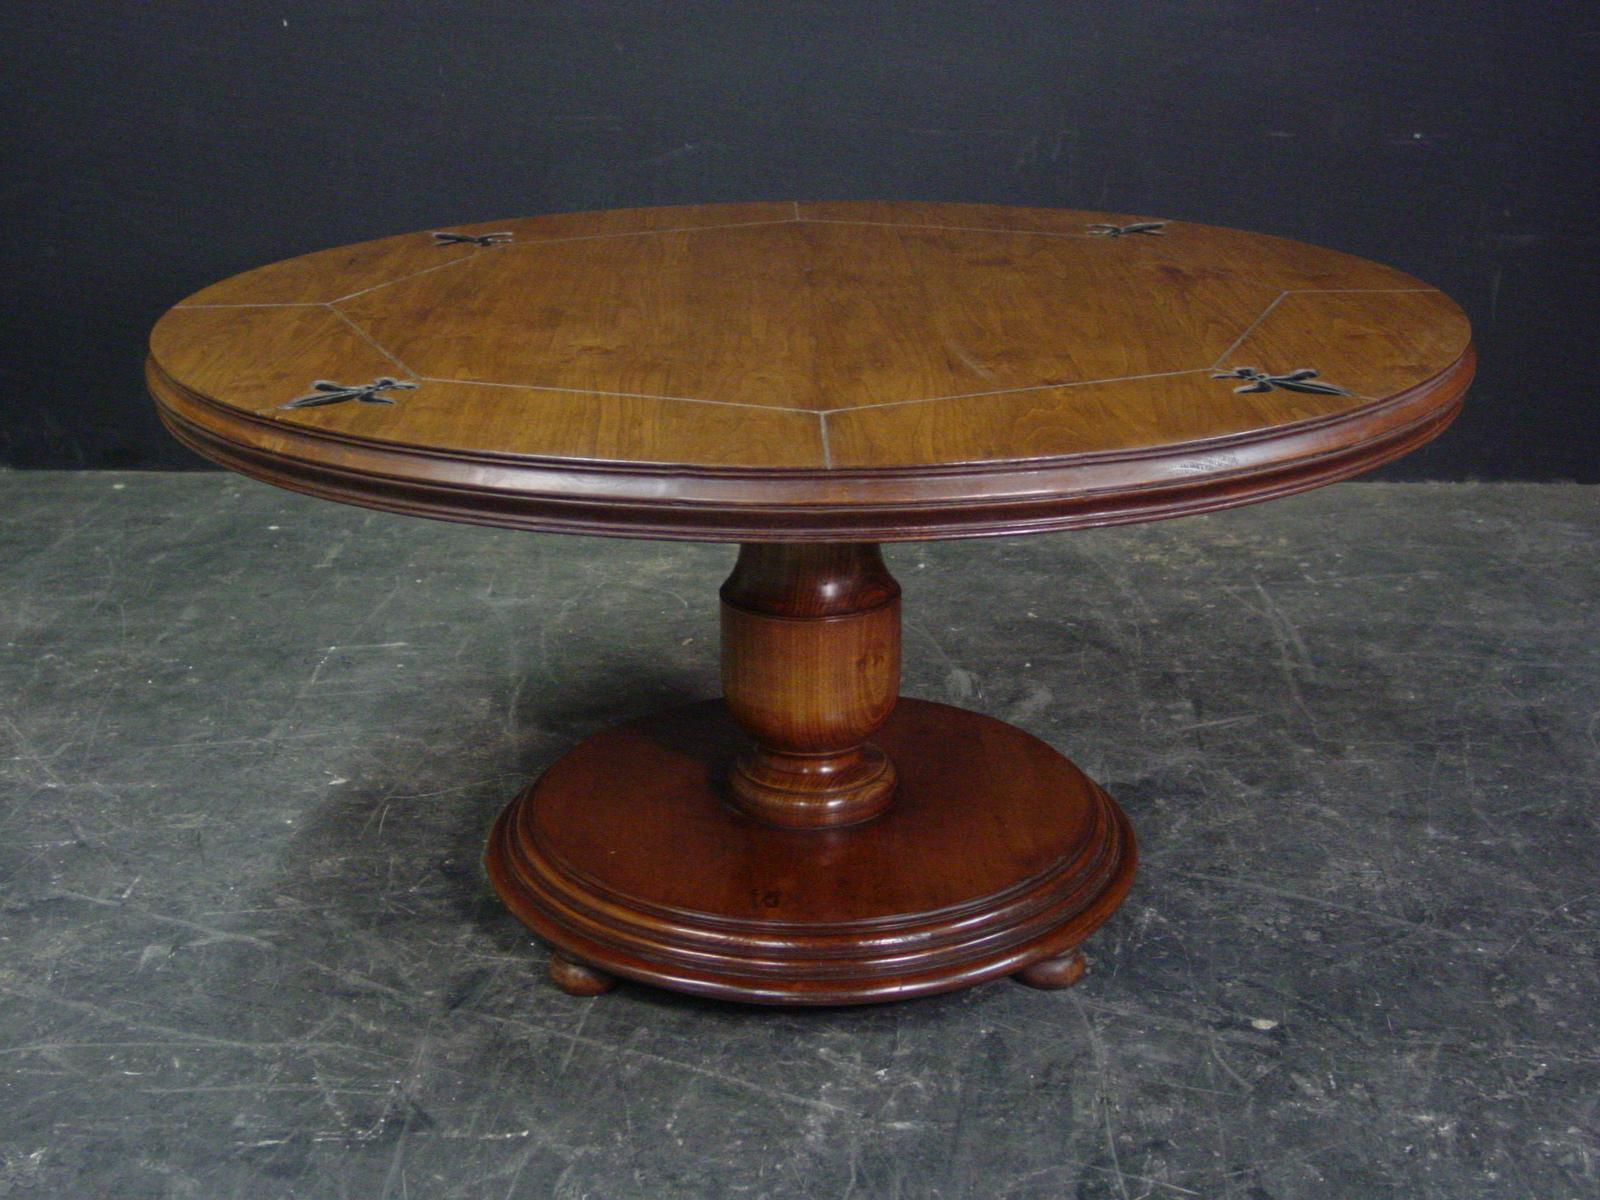 Round bulbous base pedestal table with fleur de lis detail